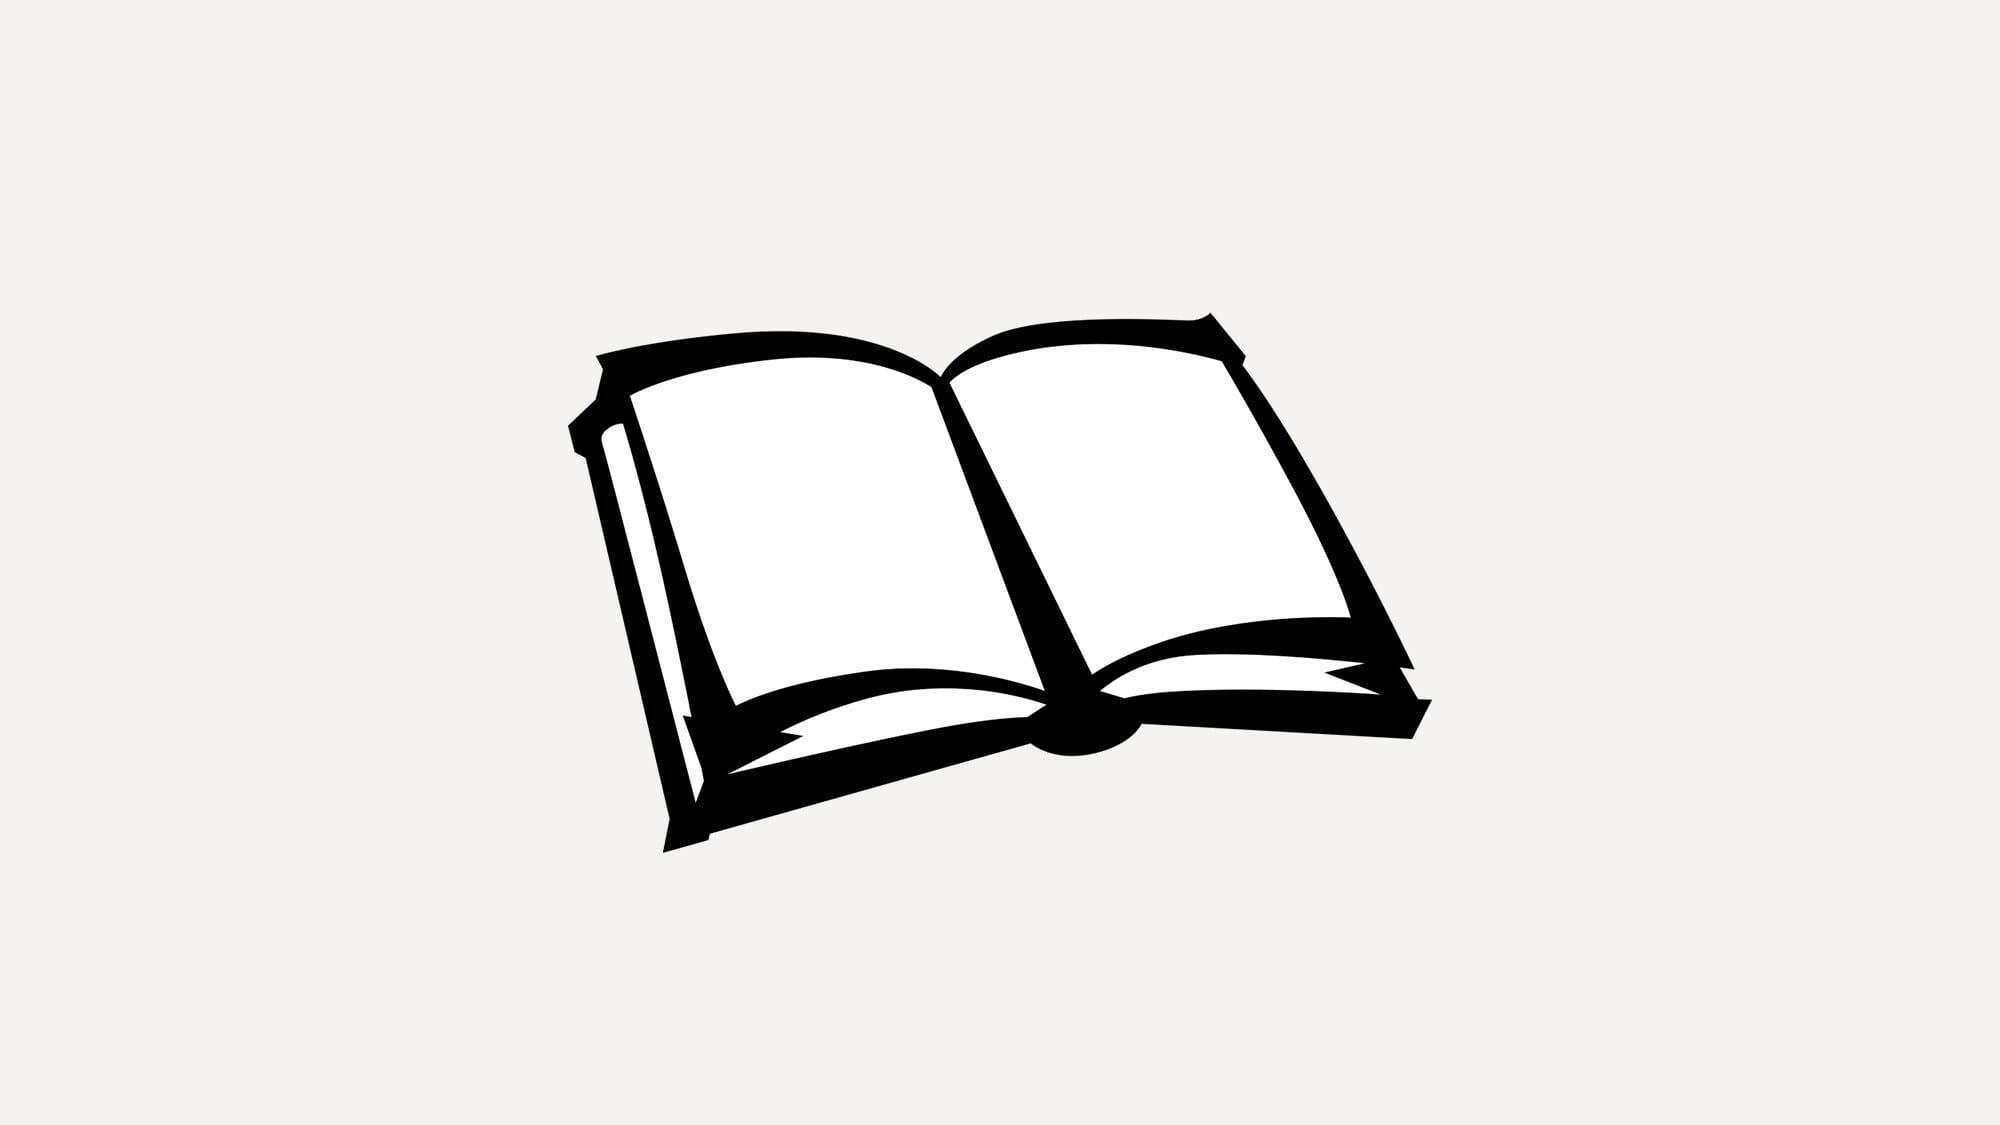 Deathbook: Rowohlt und Andreas Winkelmann bringen den Tod 3.0